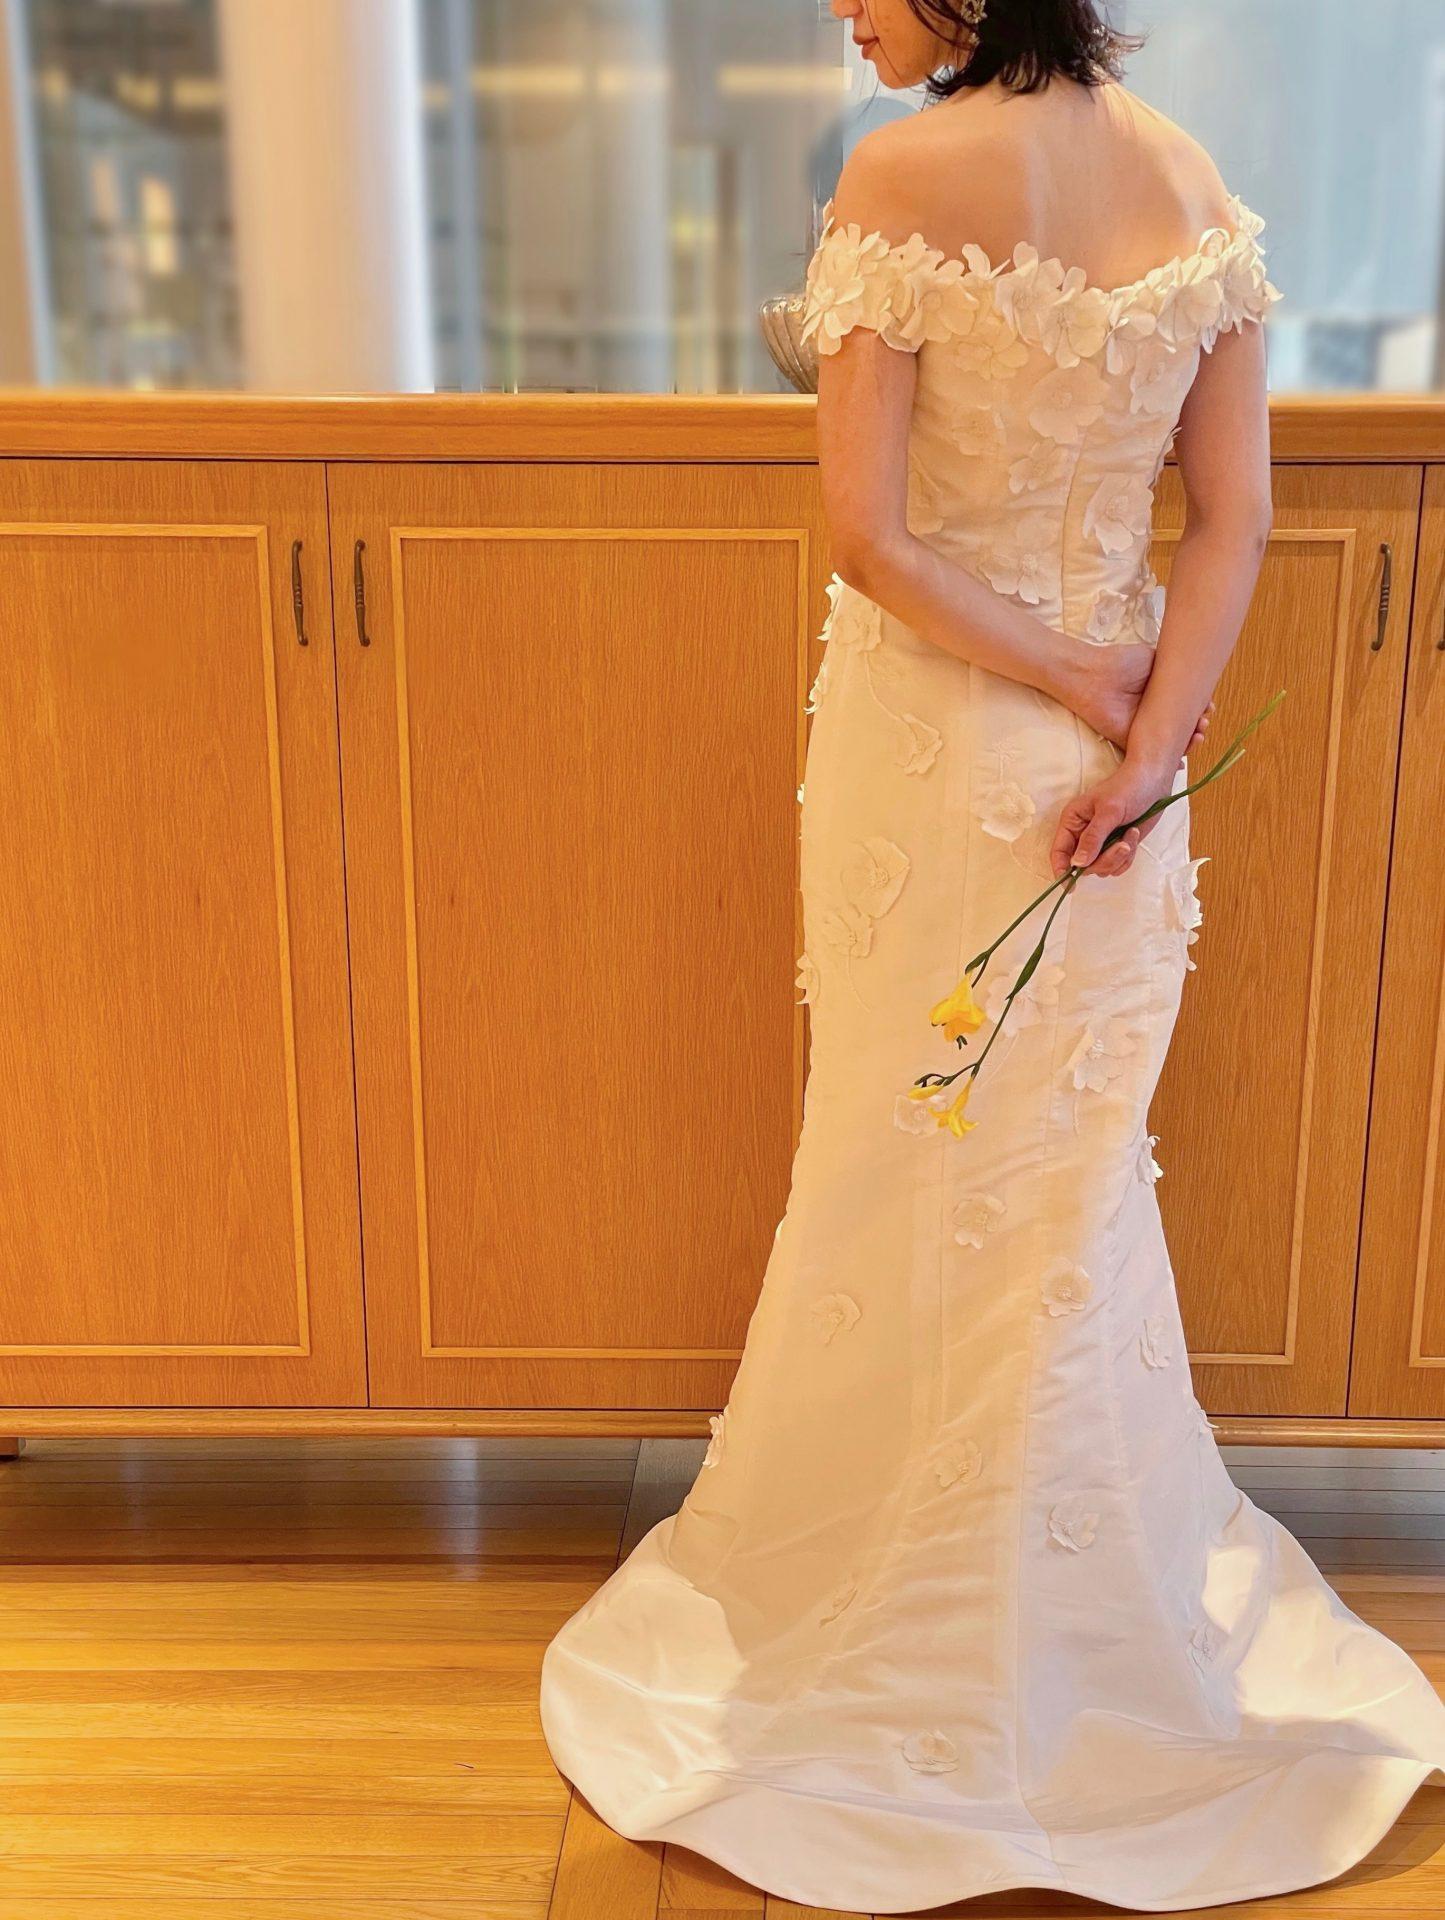 フォーチュンガーデン京都やザソウドウ東山京都でお式や前撮りをされる方におすすめの大人可愛いマーメイドラインのウェディングドレス